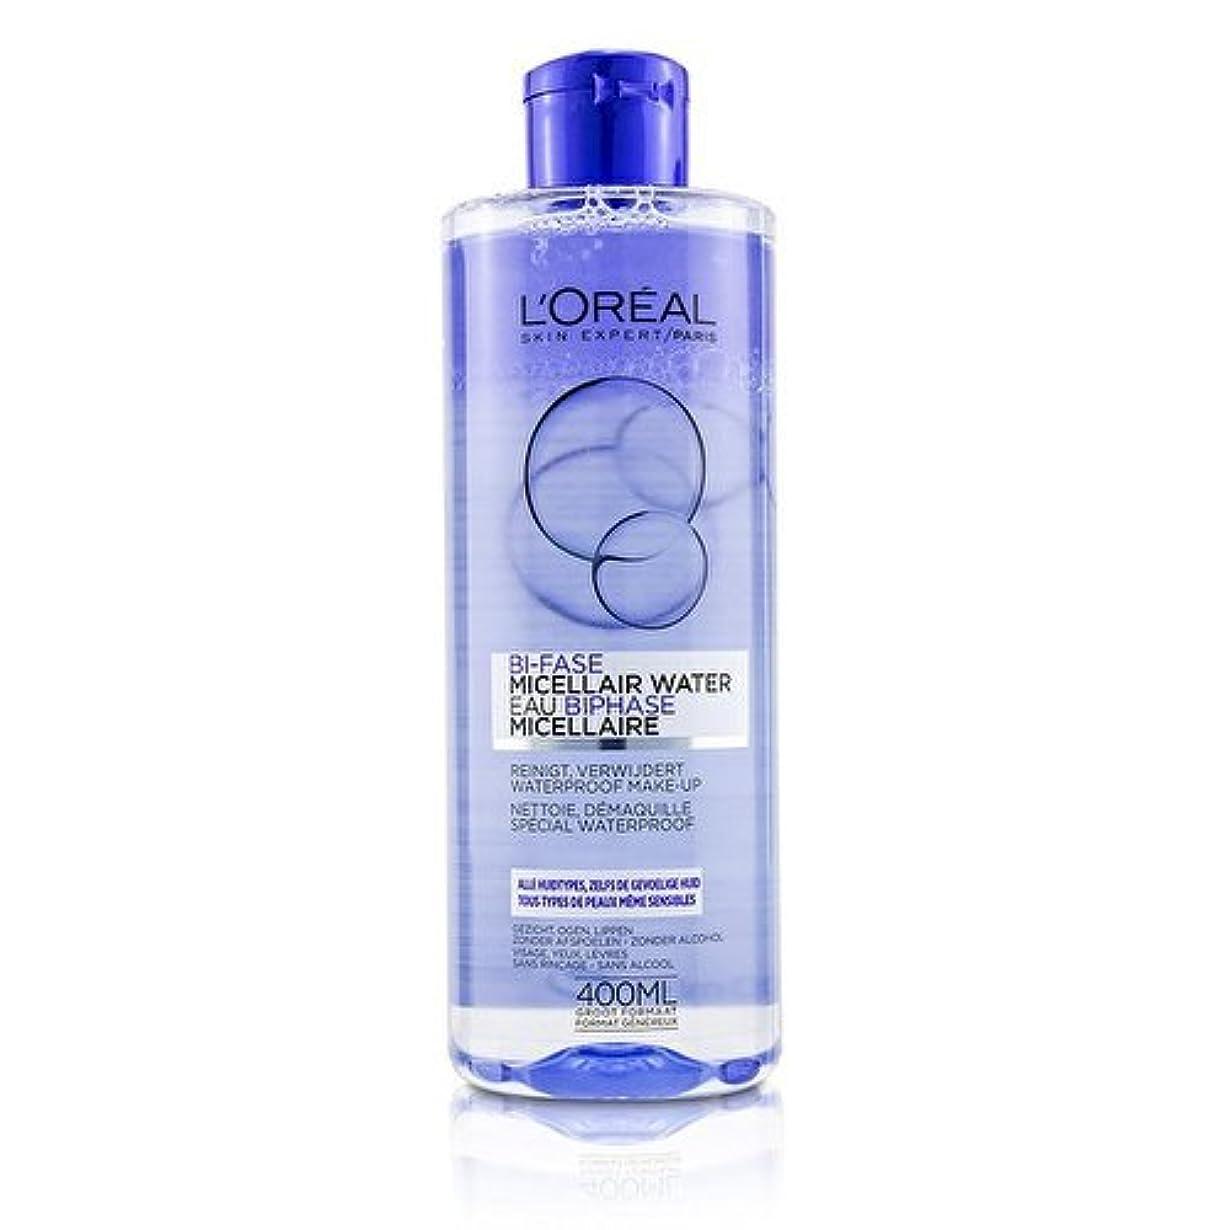 チャンピオンテレビカタログロレアル Bi-Phase Micellar Water (Bi-Fase Micellair Water) - For All Skin Types, even Sensitive Skin 400ml/13.3oz並行輸入品